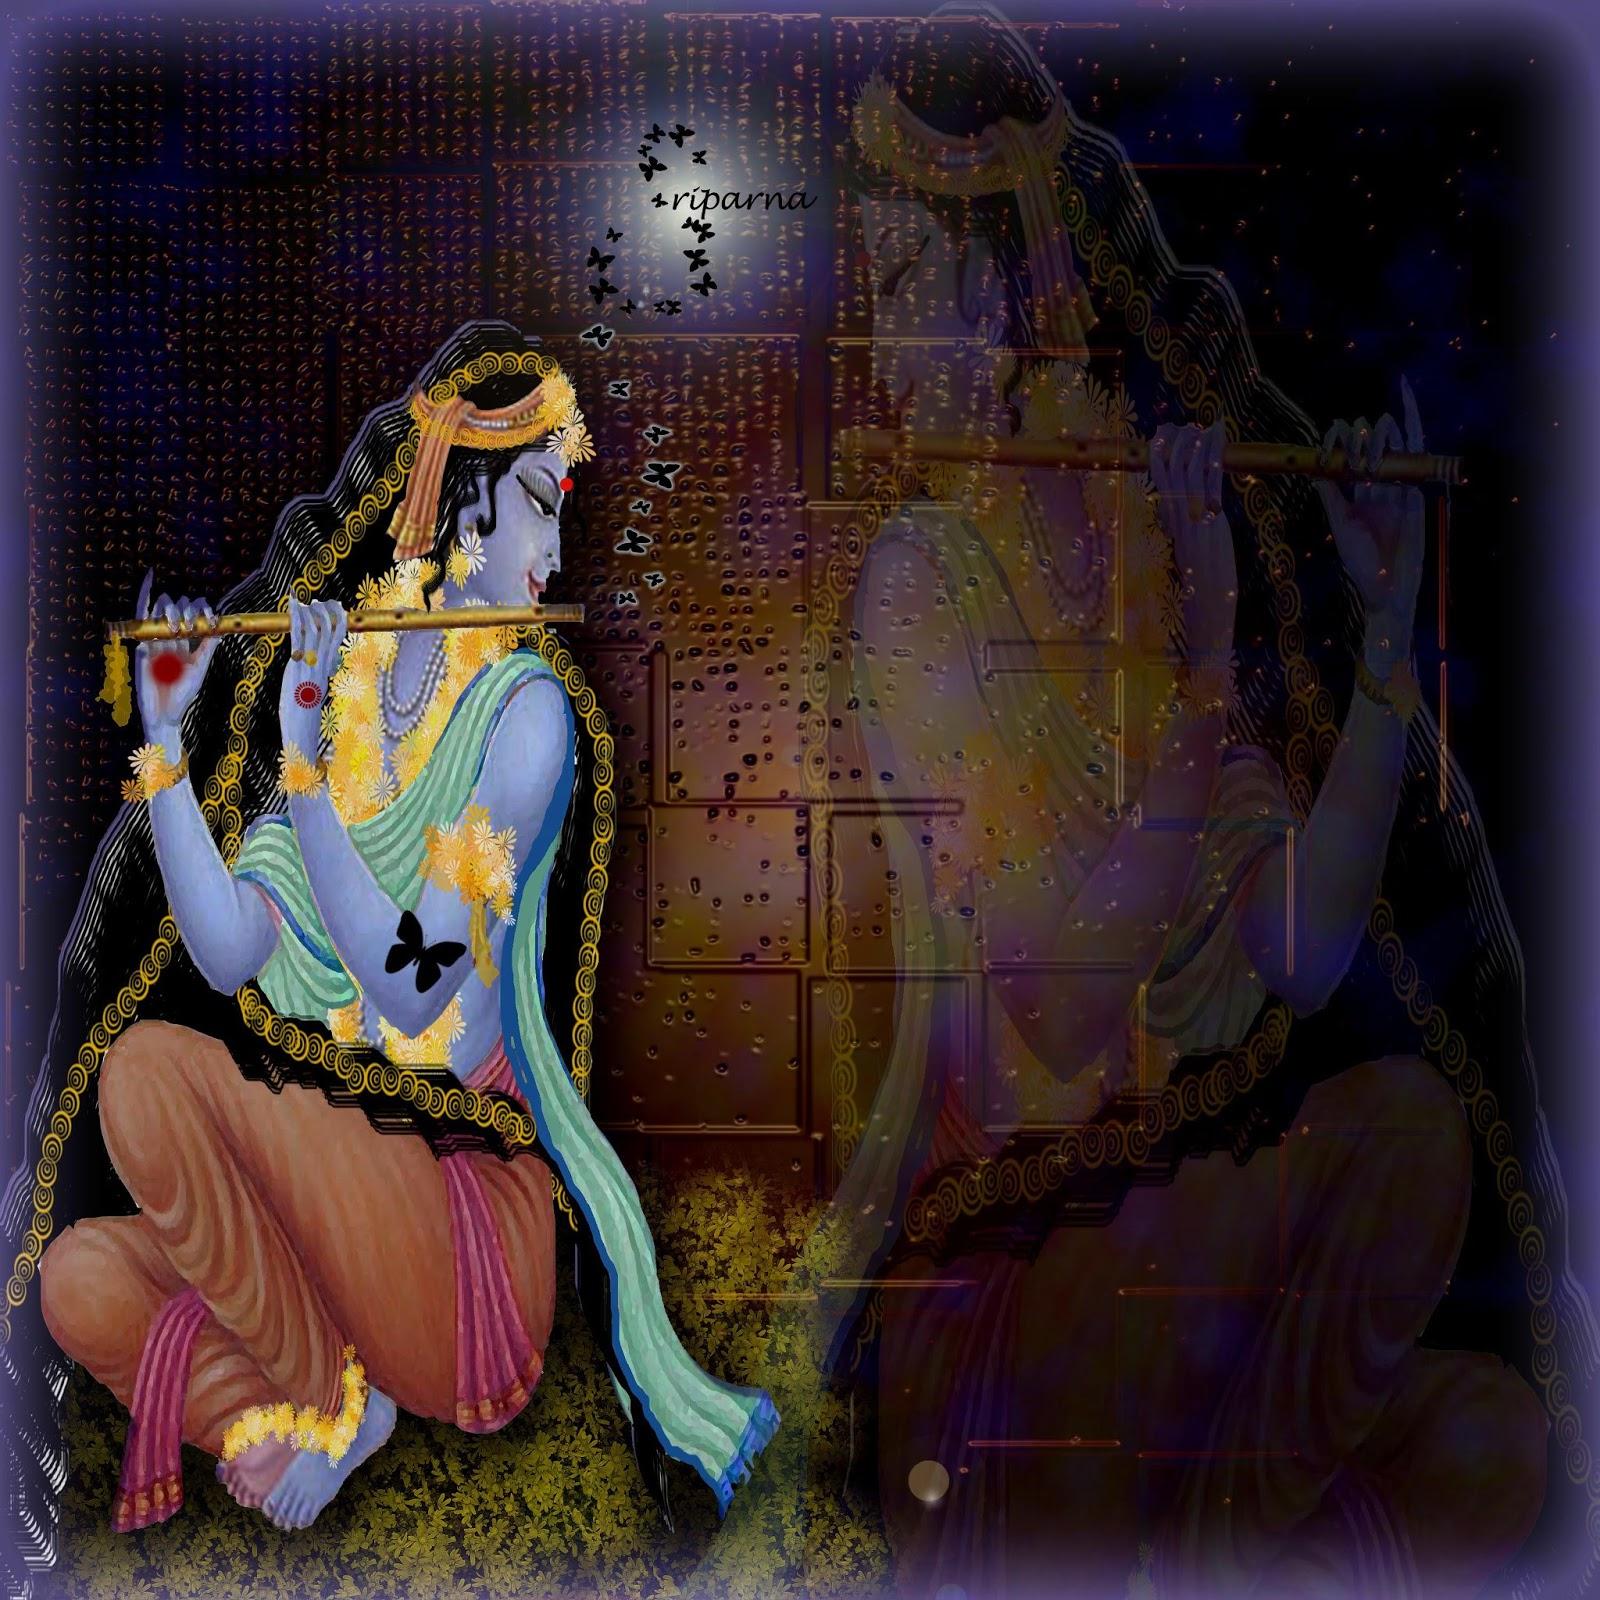 চন্ডীদাস - বাঙালির প্রাণের কবি